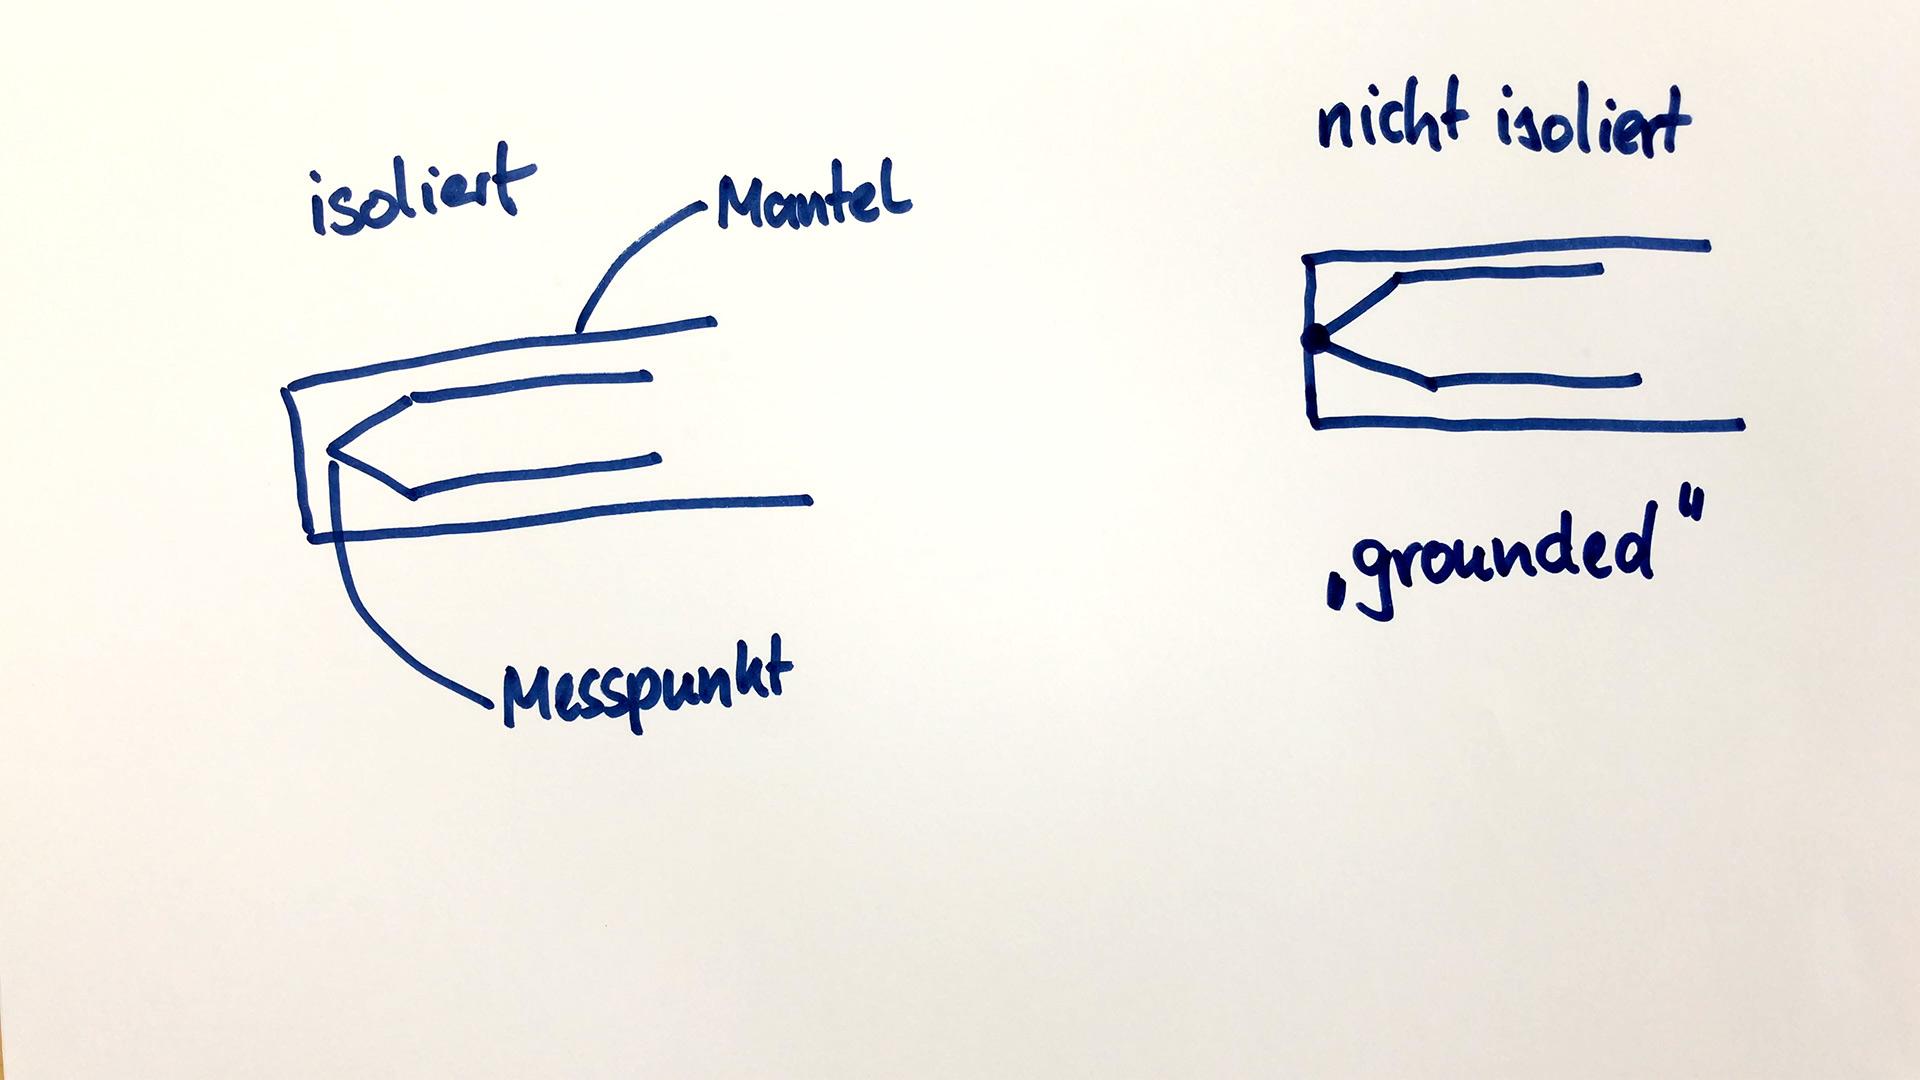 Skizze zur Unterscheidung isolierter und nicht isolierter Thermoelemente